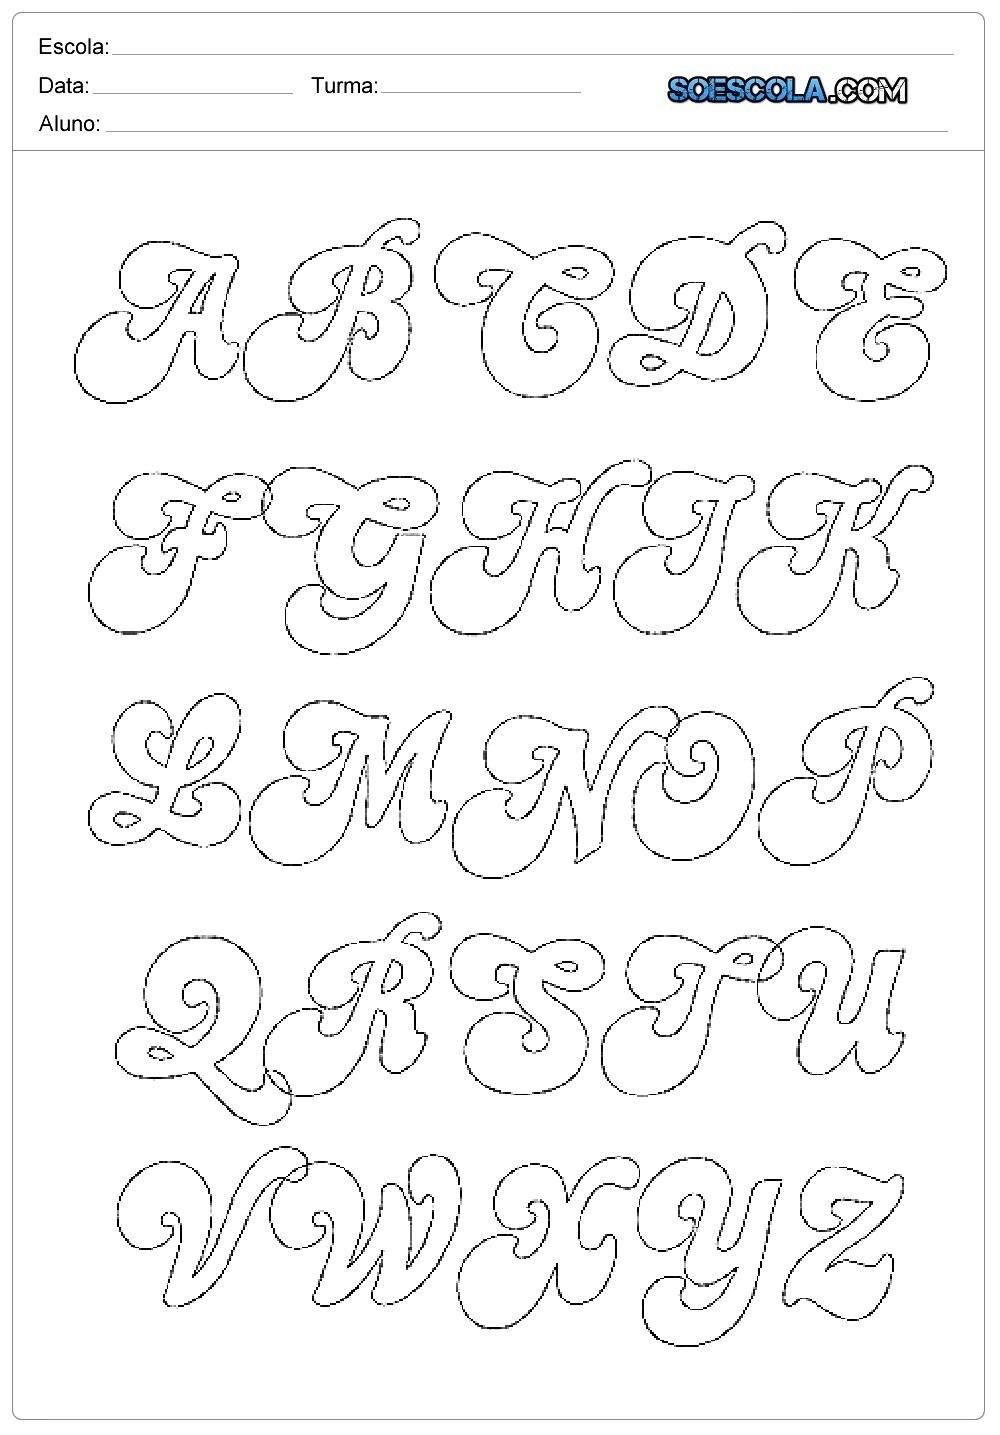 Moldes De Letras Em Eva Para Imprimir So Escola